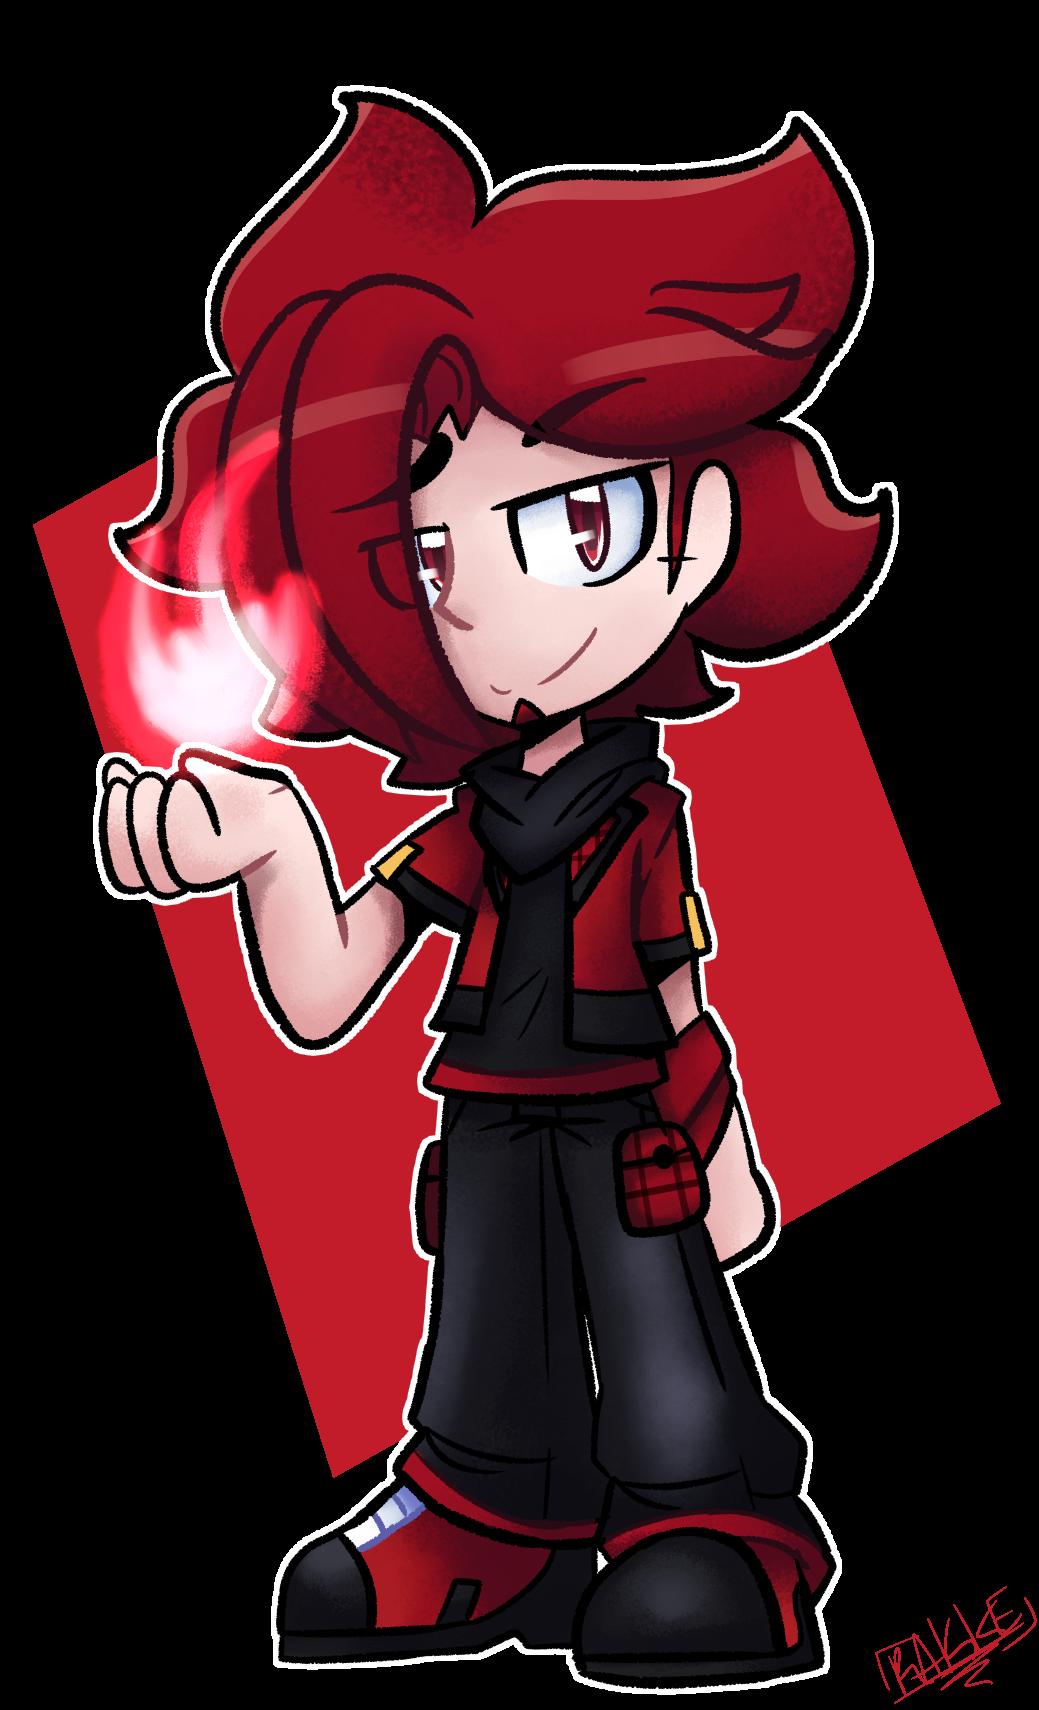 Issac Ruby